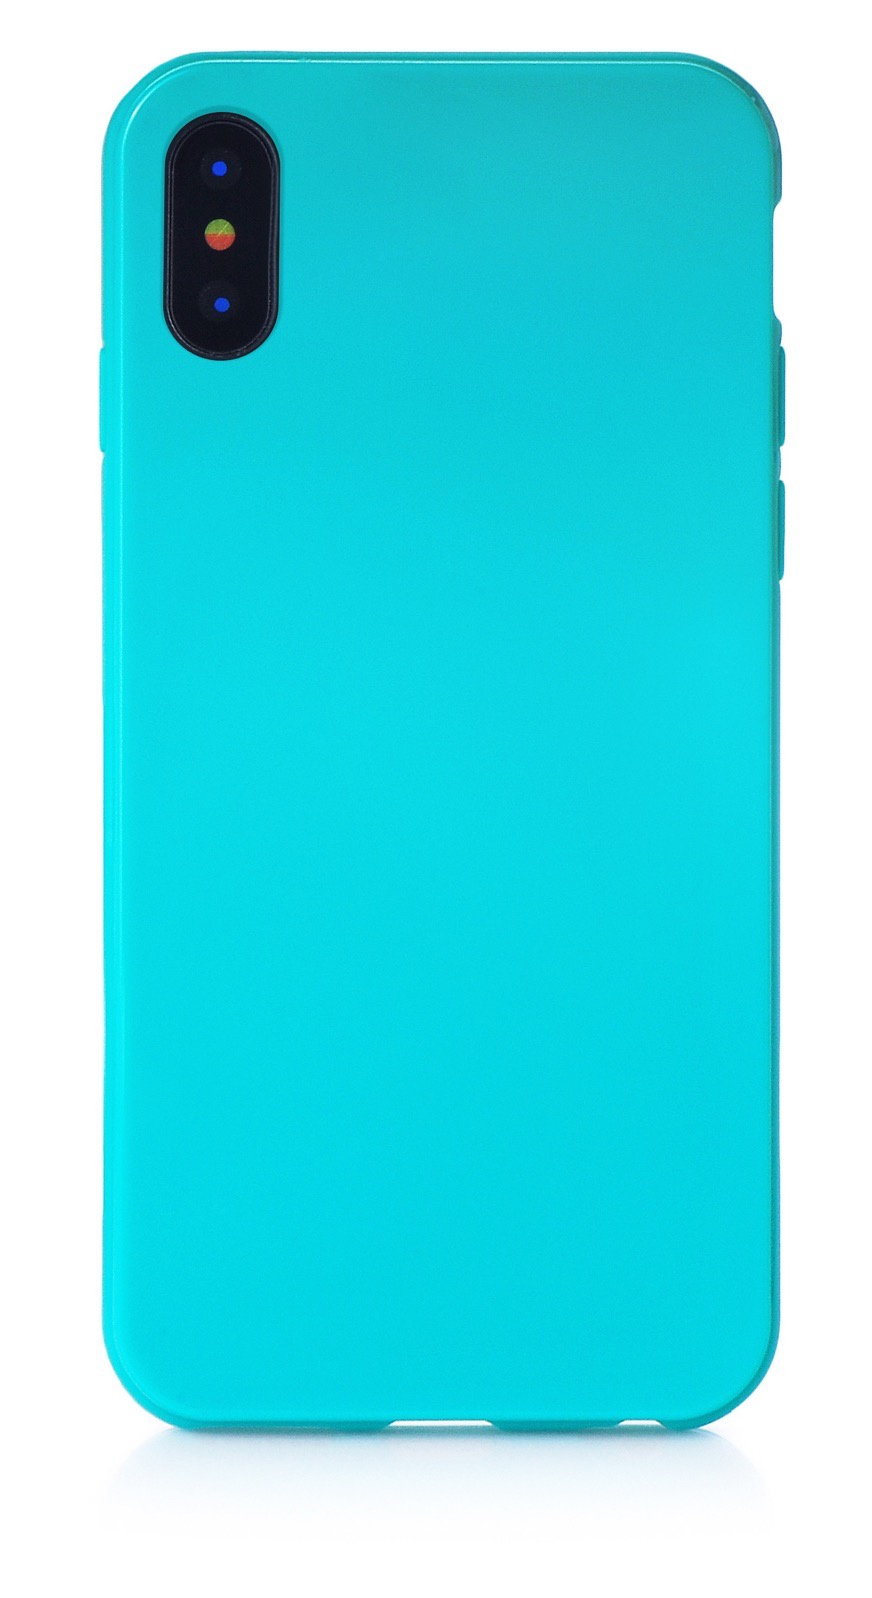 """Чехол для сотового телефона iNeez накладка силикон мыльница 905035 для Apple Iphone X/XS 5.8"""", бирюзовый"""